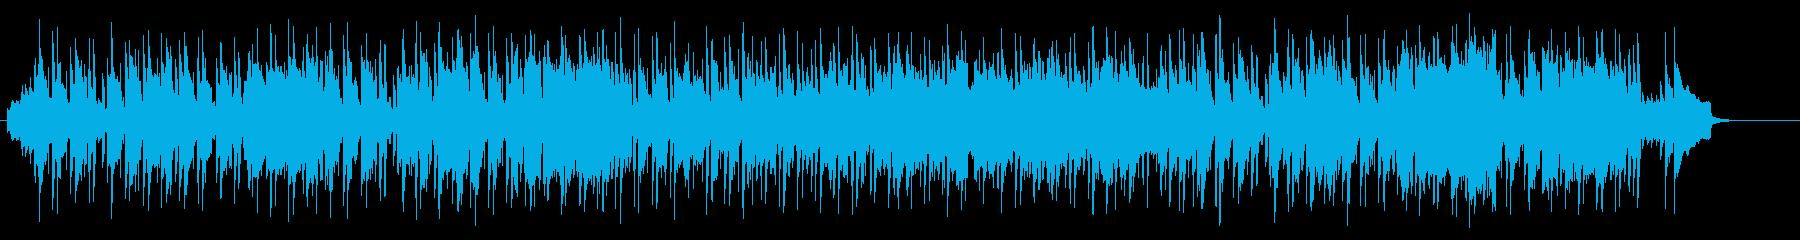 可憐なニュー・ミュージック風ポップスの再生済みの波形